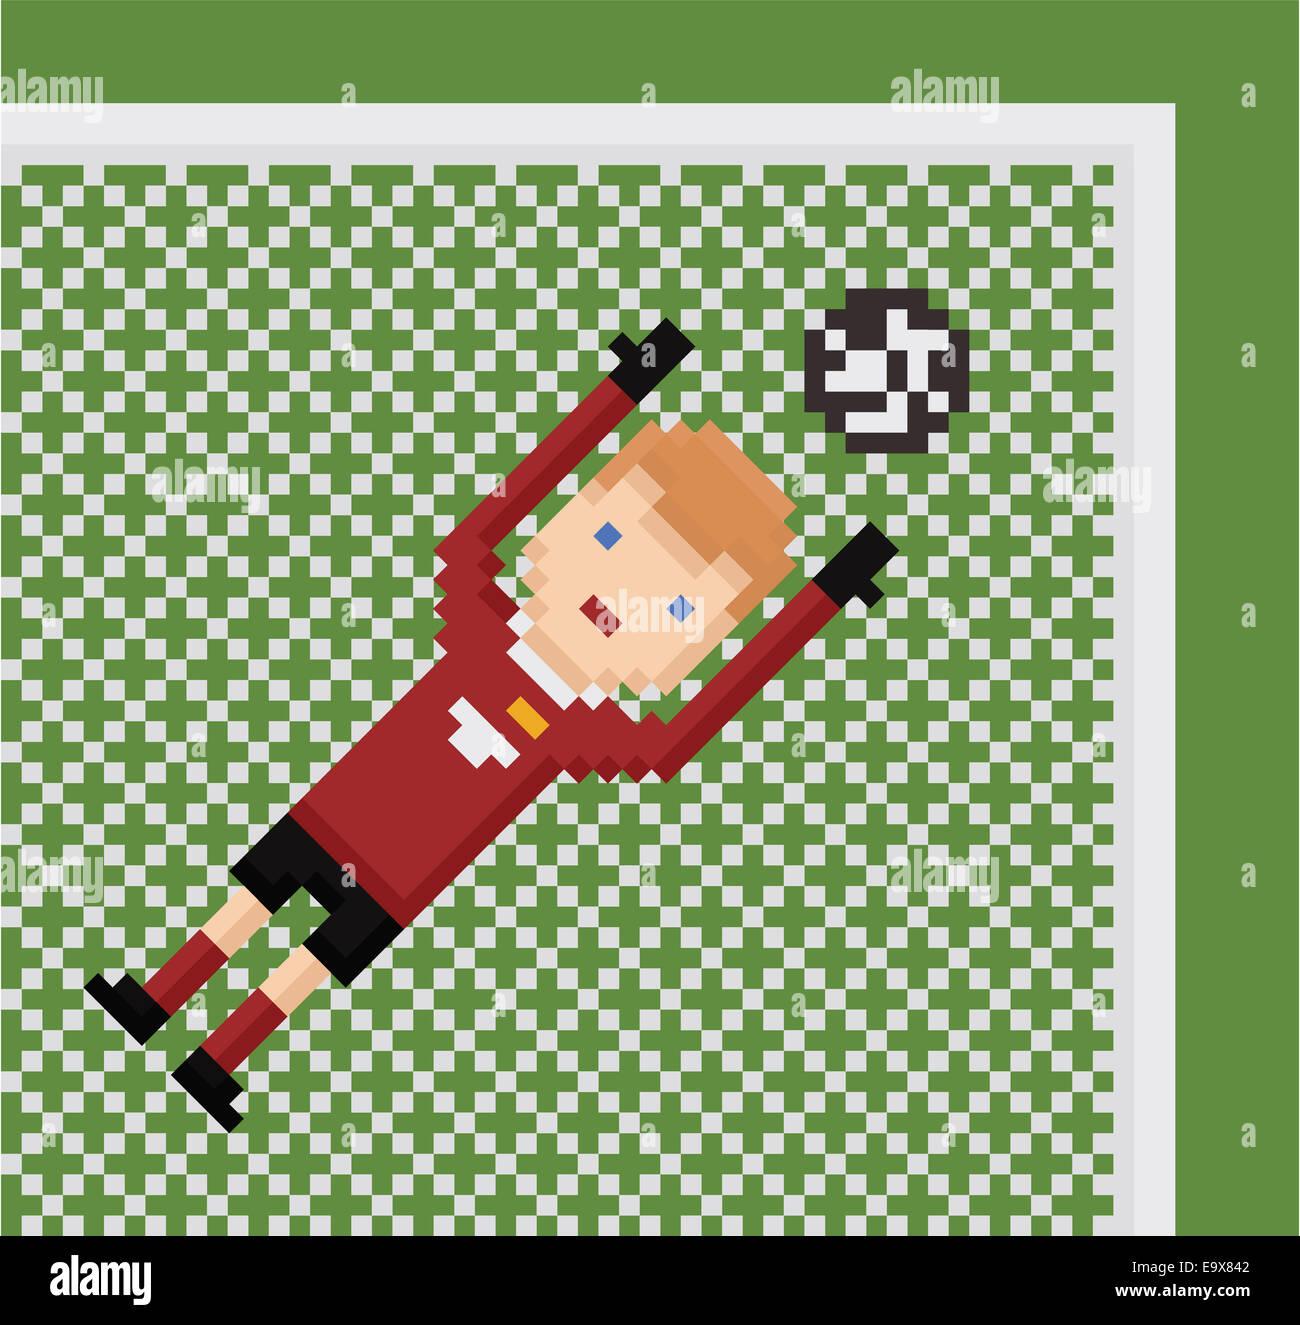 Pixel Art Illustration Football Soccer Goalkeeper In Red